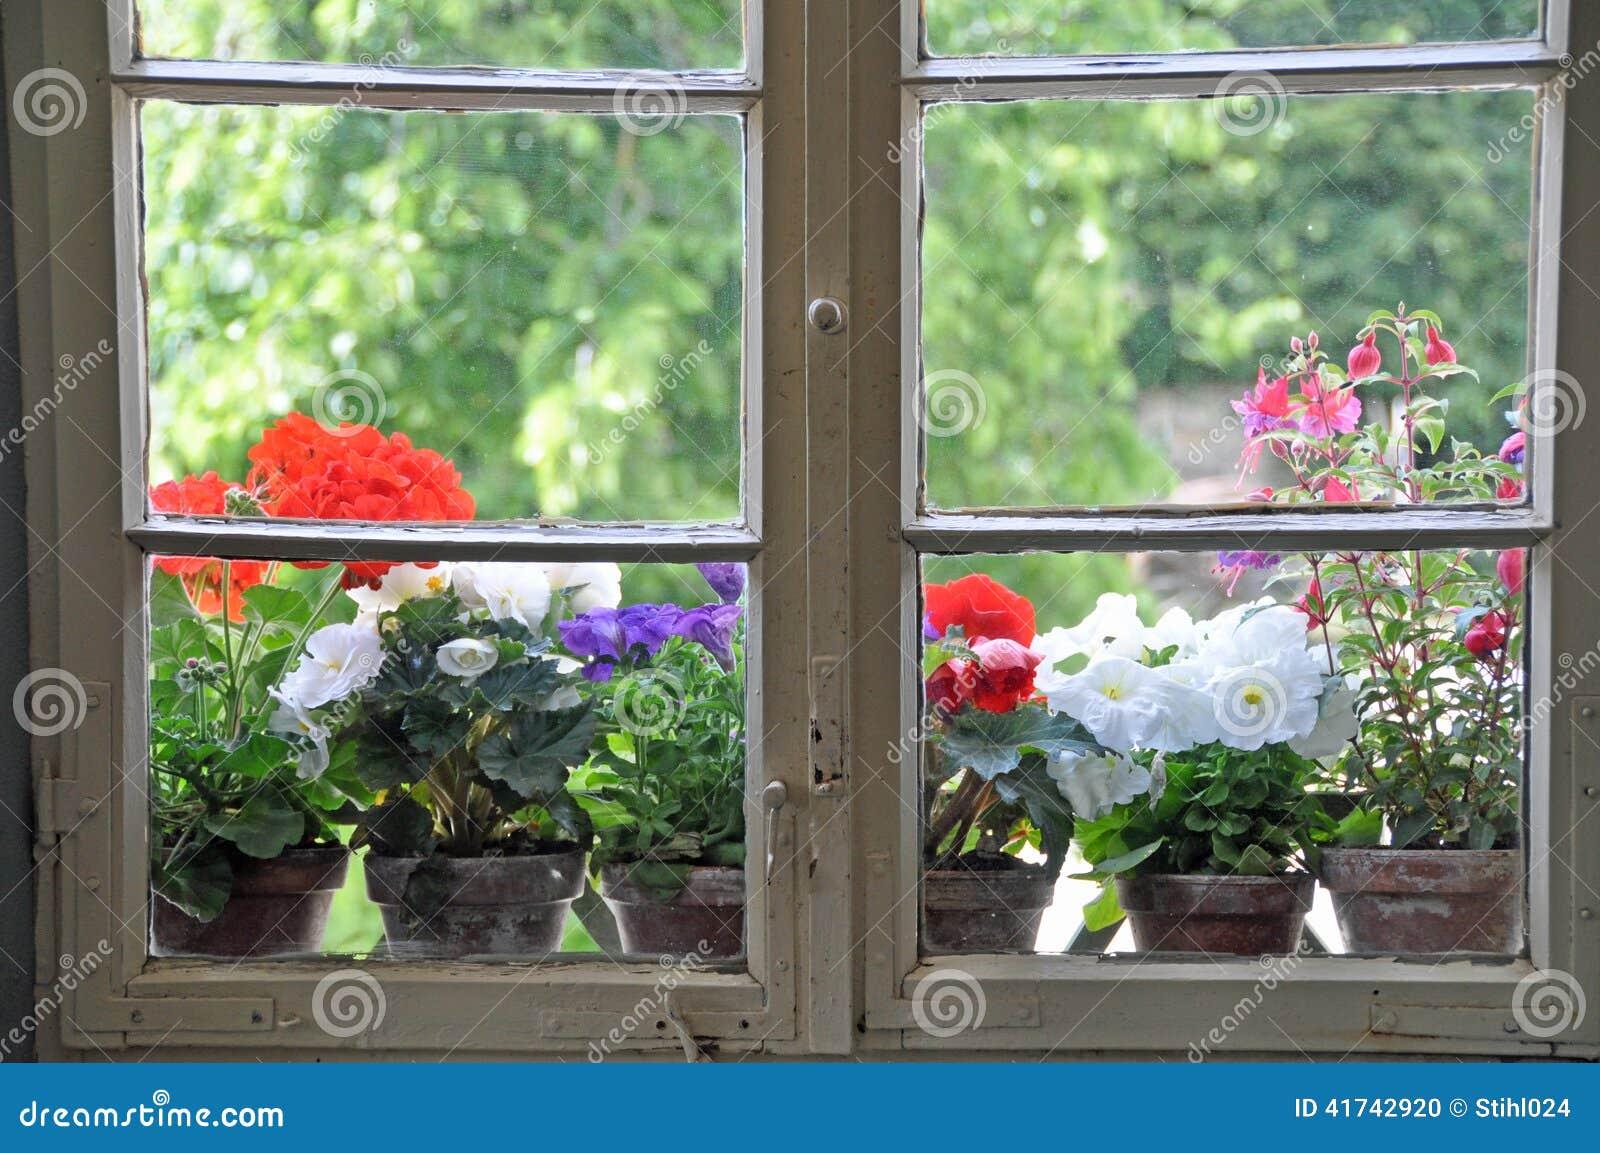 Amazing Flower Pots On Window Sill